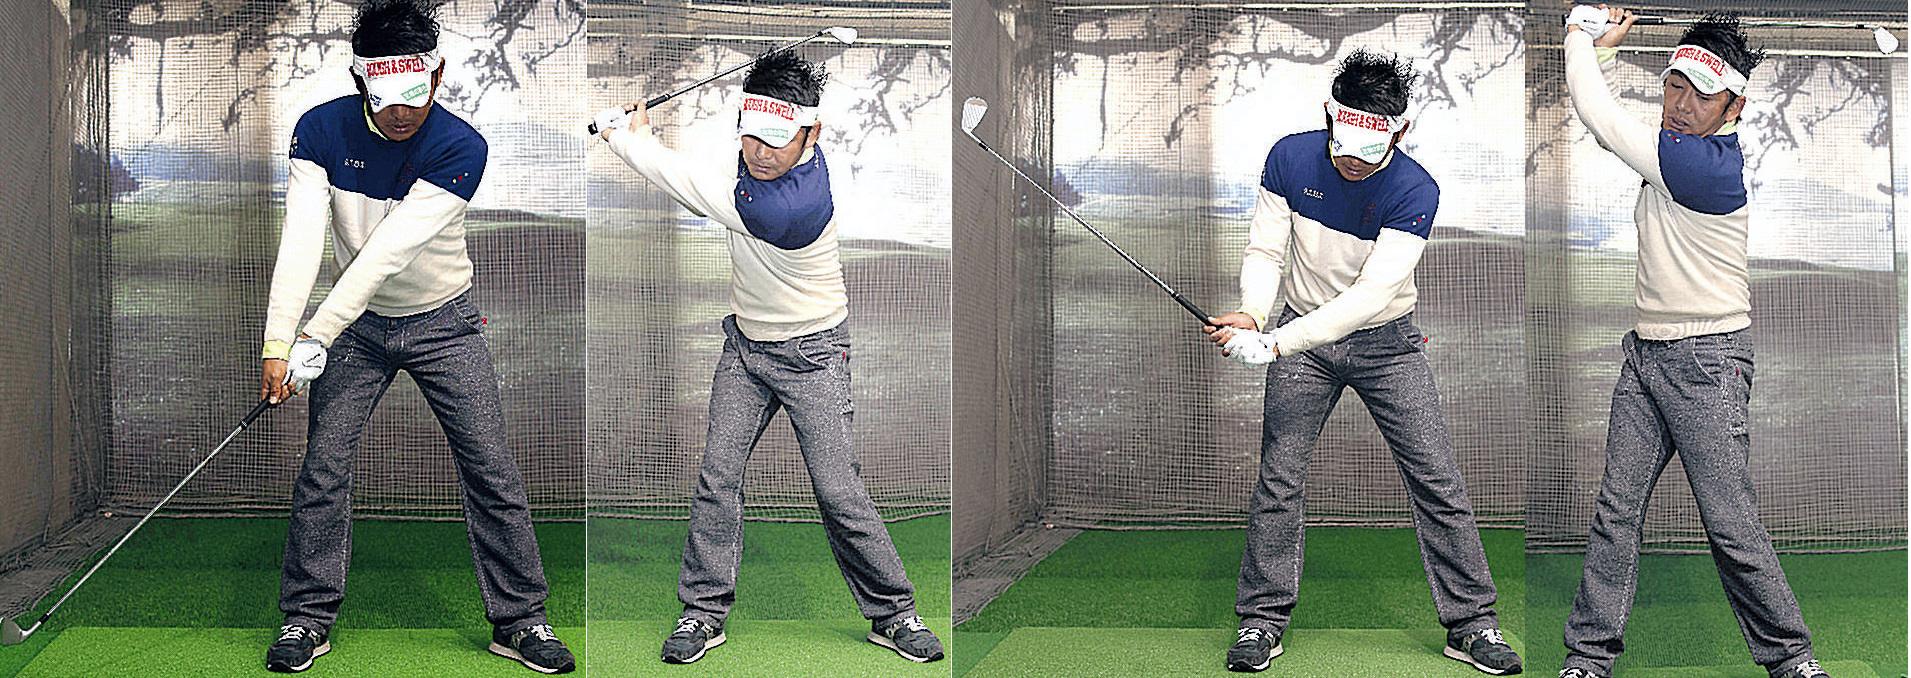 【良い例】(左)バックスイングは「下げる」。ヘッドを引きずるイメージ(左から2番目)左肩が支点になり、スイングアークが大きい格好良いトップができる 【悪い例】(右から2番目)クラブを「上げる」と左肘が支点になる(右)両肘が曲がってクラブを担ぎ上げるような格好悪いフォームになり、アークも小さい